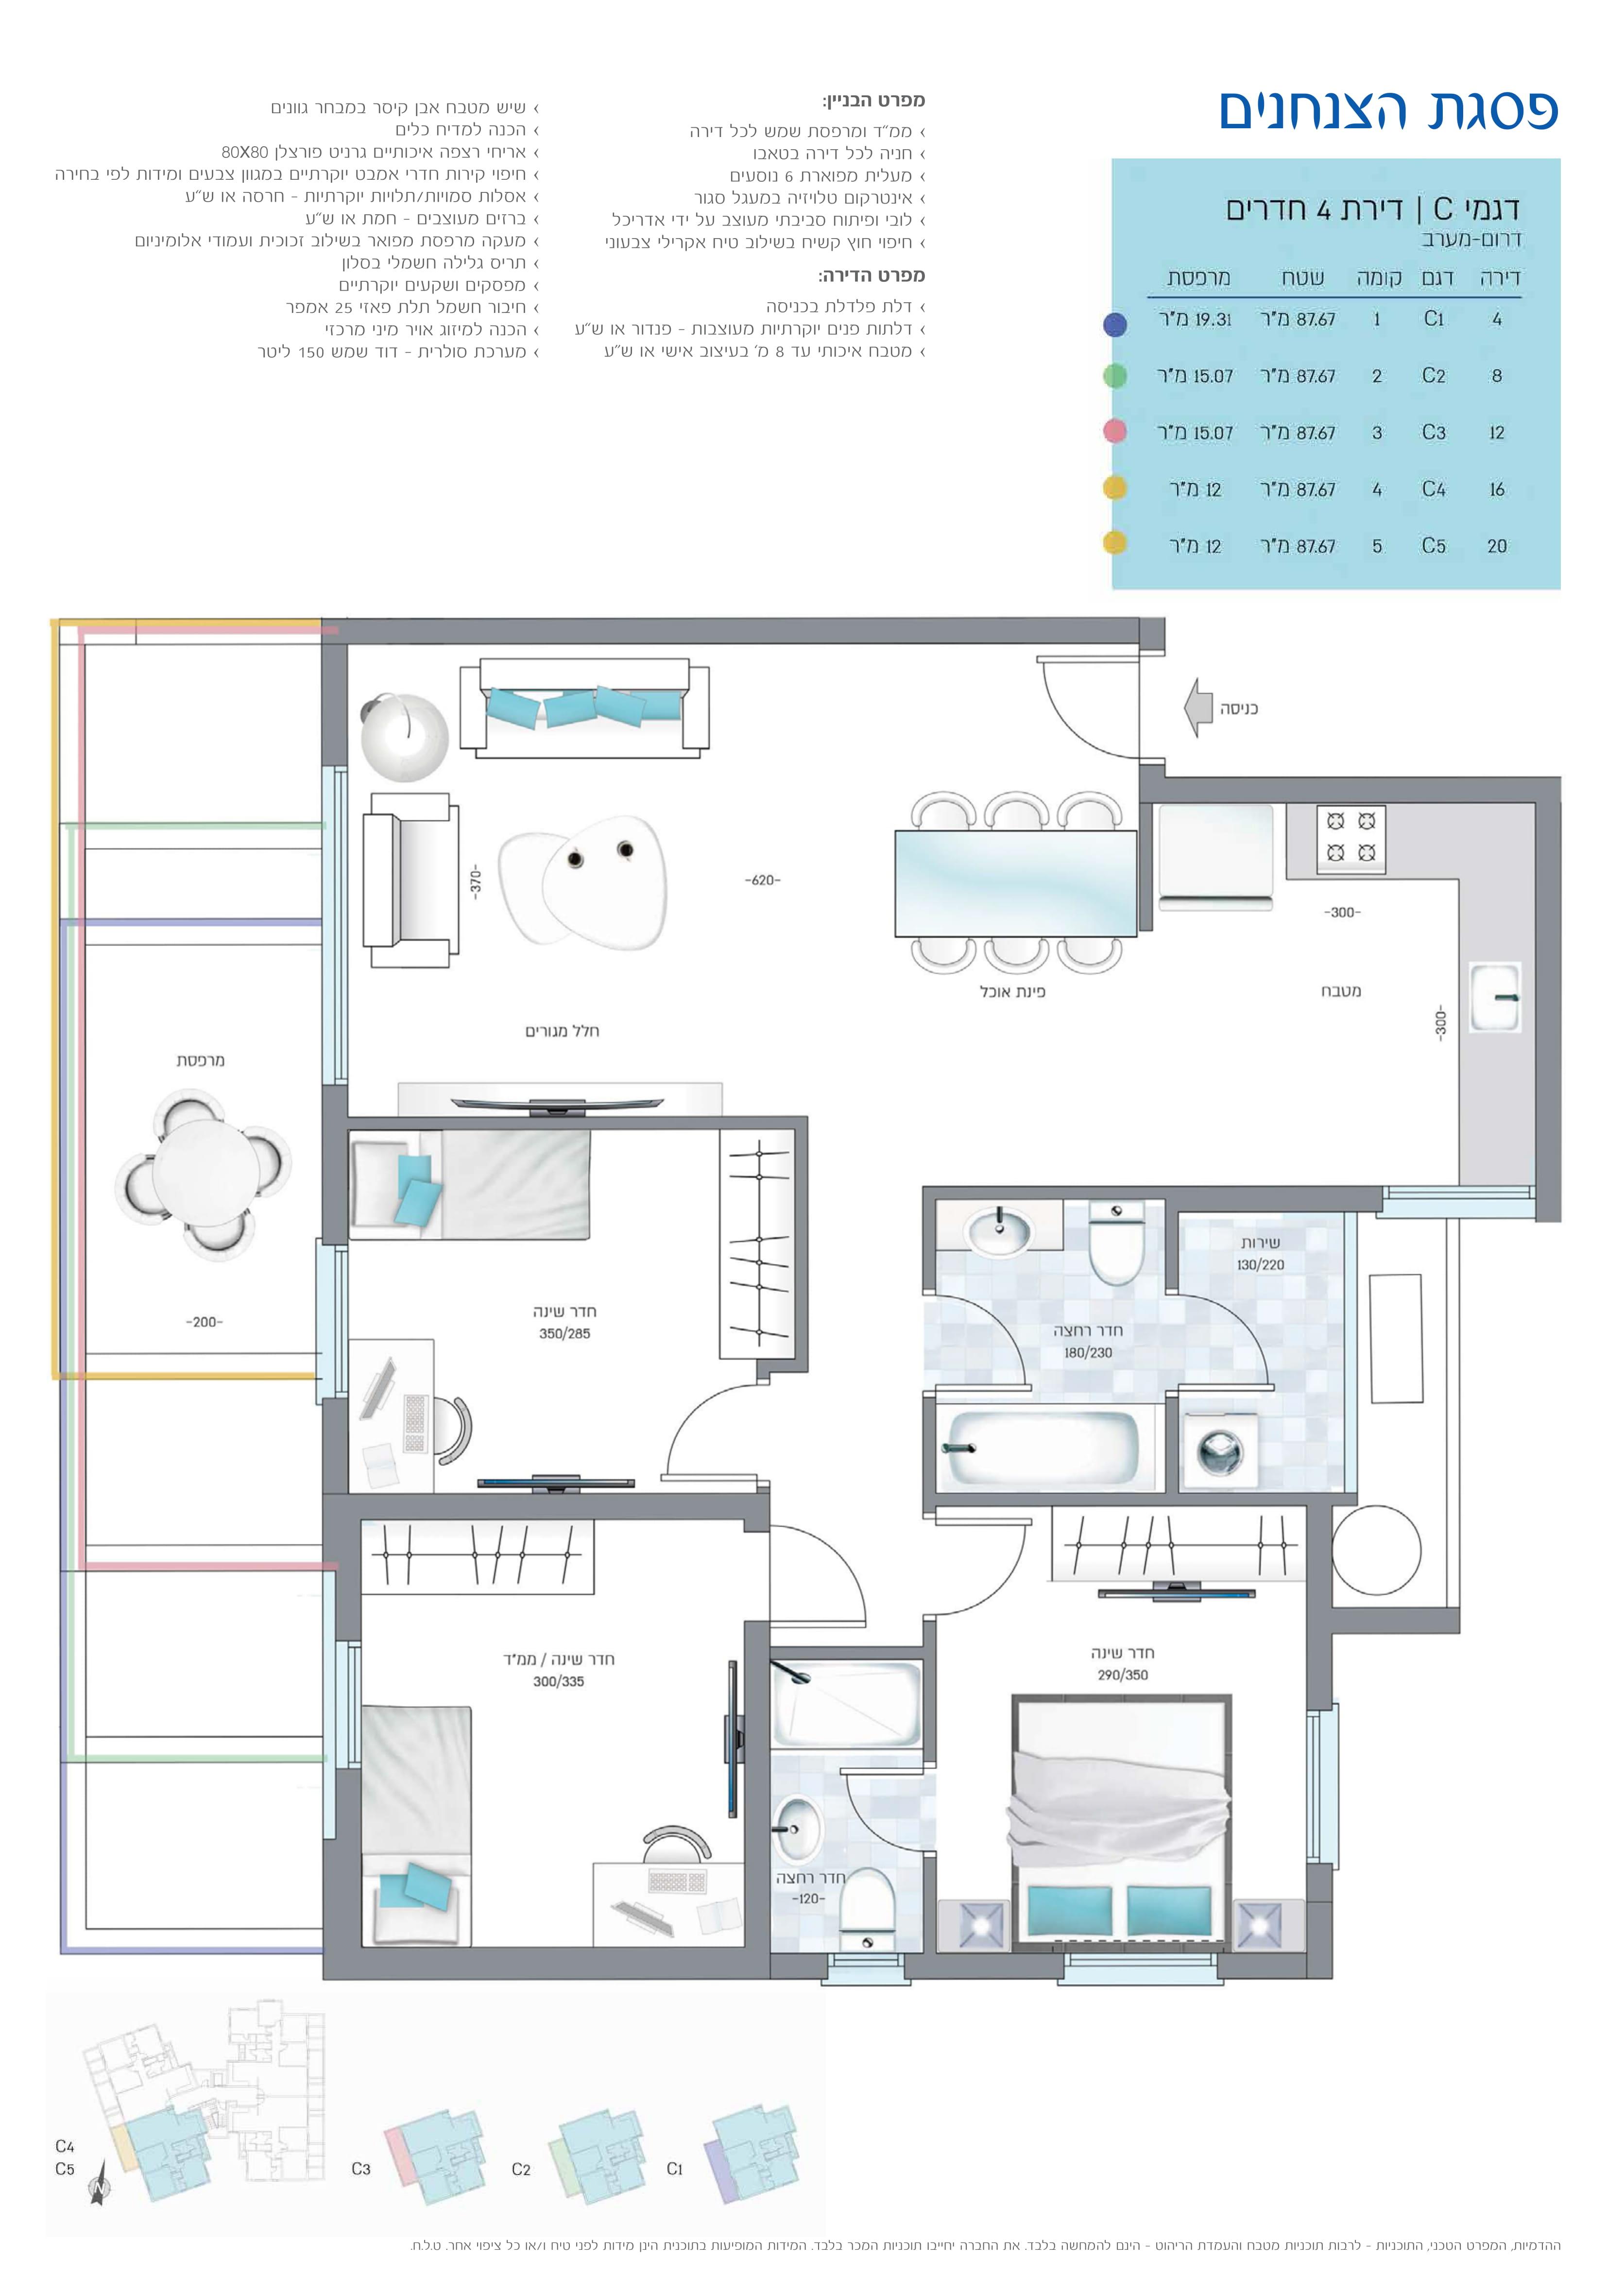 תוכנית הדירה לנכס מספר 16